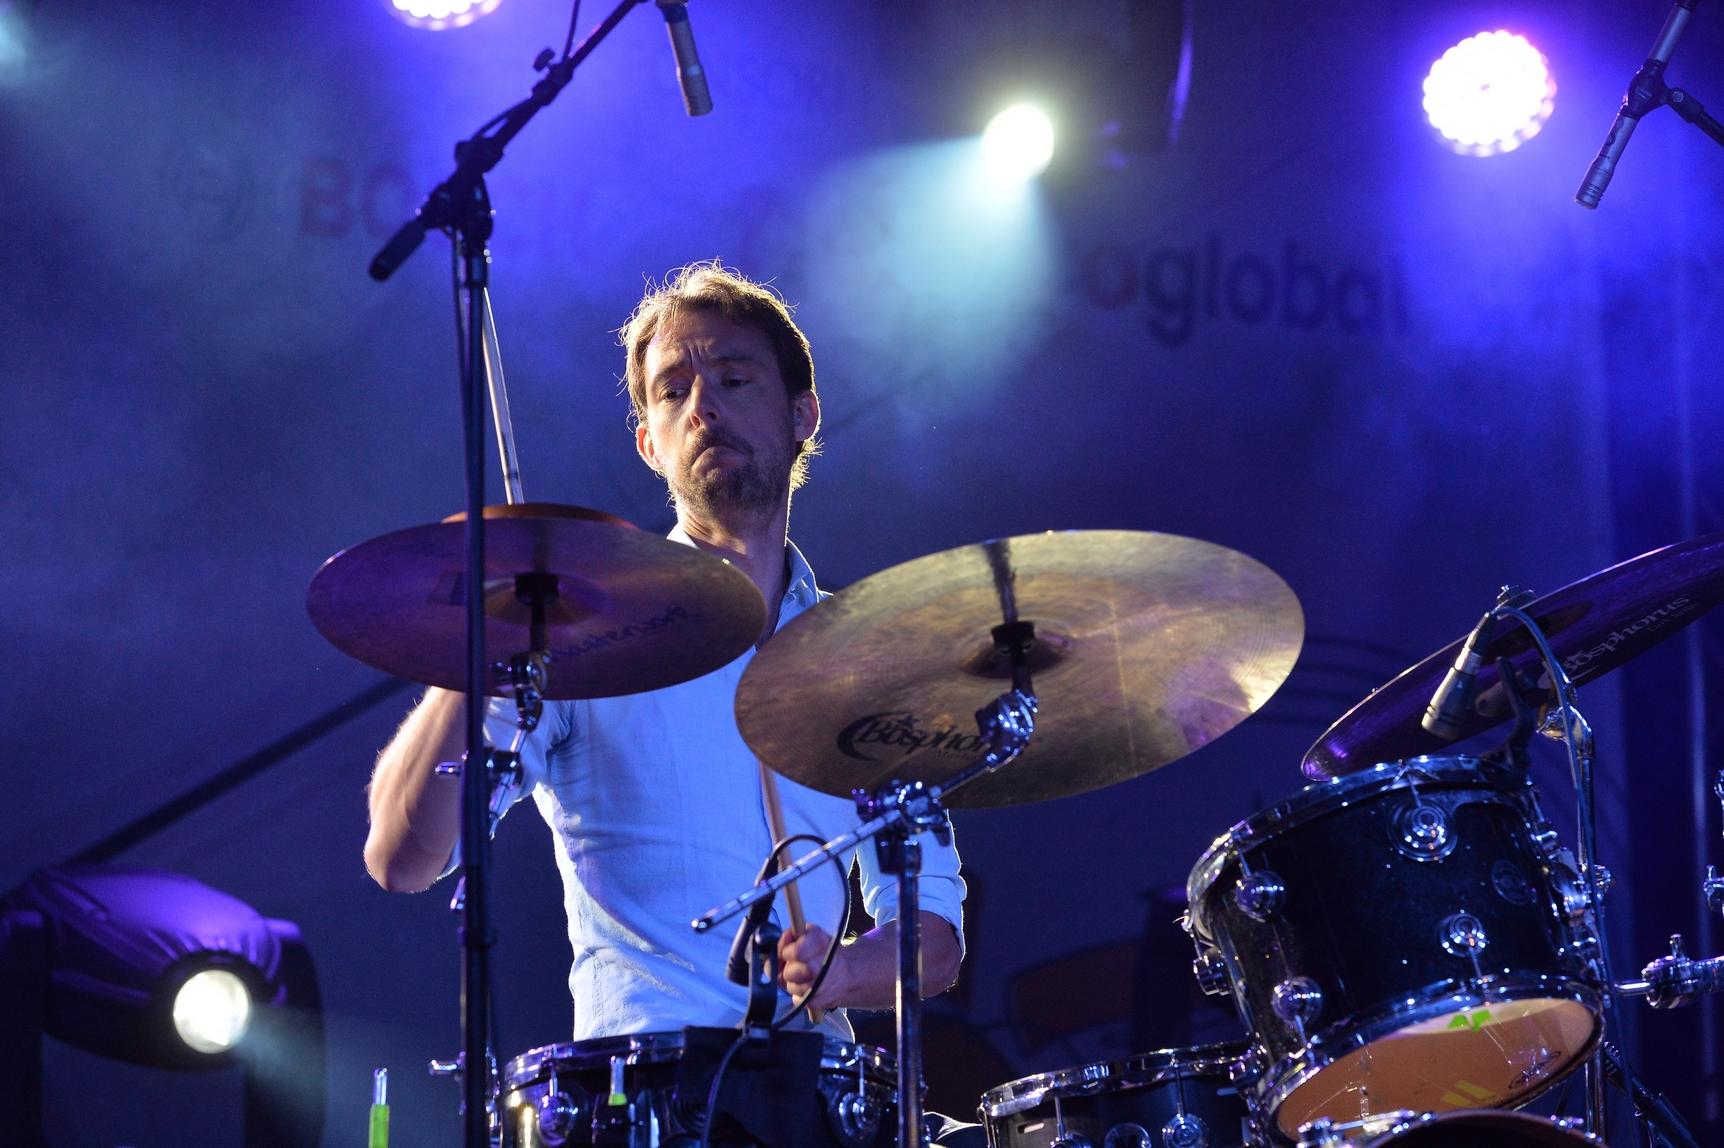 Jasper van Hulten at Smida Jazz Festival 2017